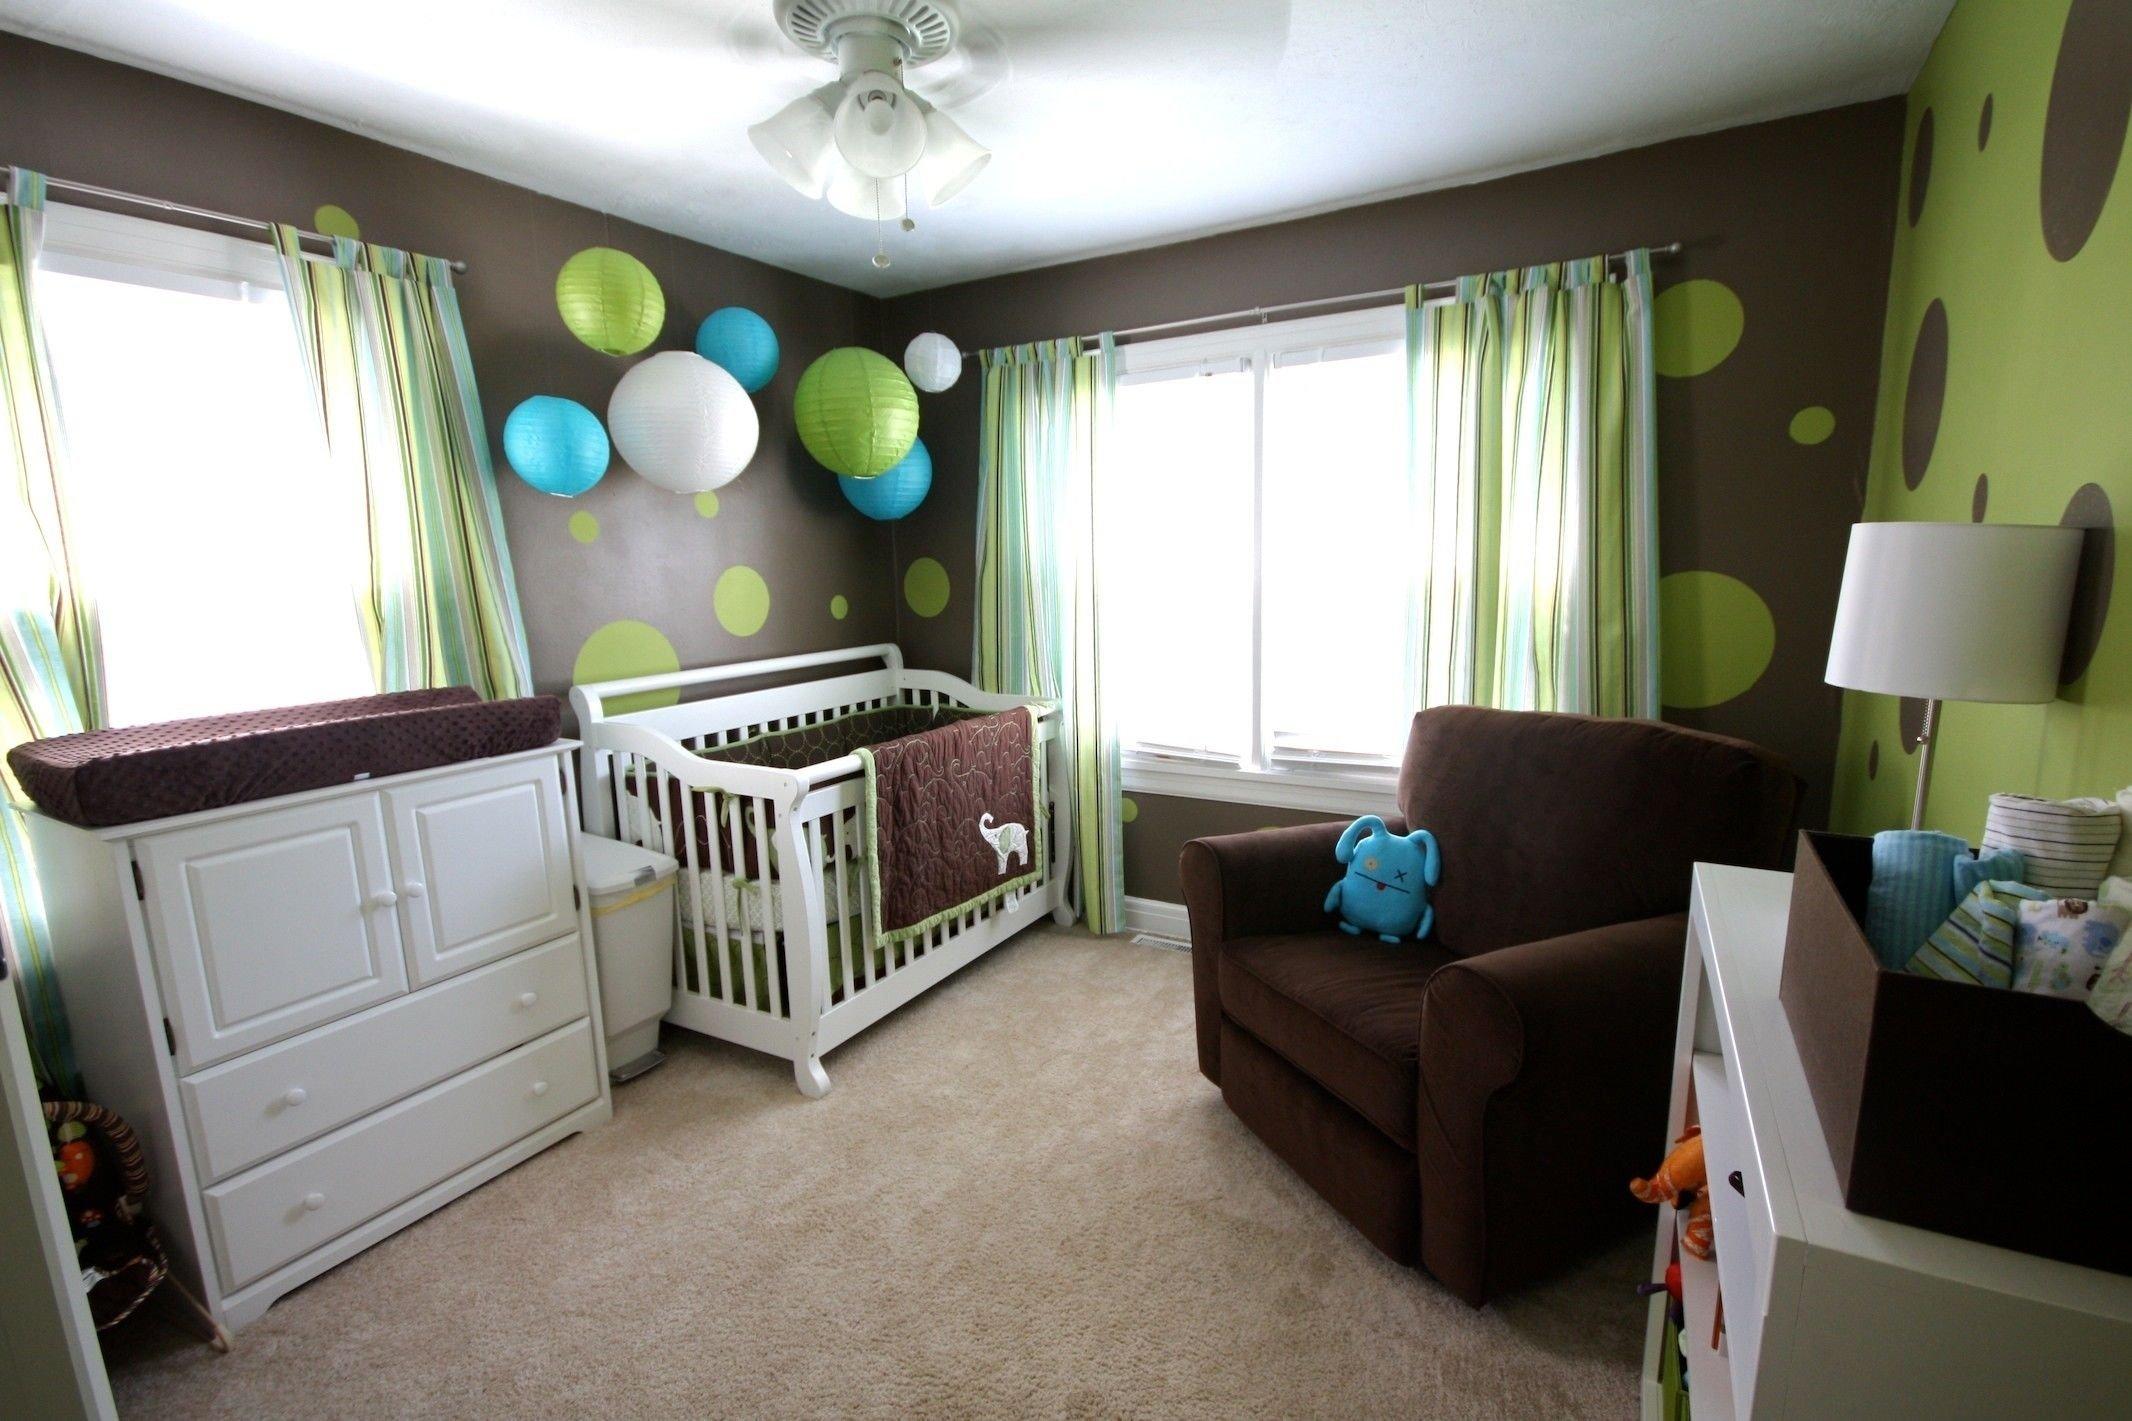 10 Cute Fun In The Bedroom Ideas popular fun bedroom ideas connhomes inspiring bedroom fun ideas 2020